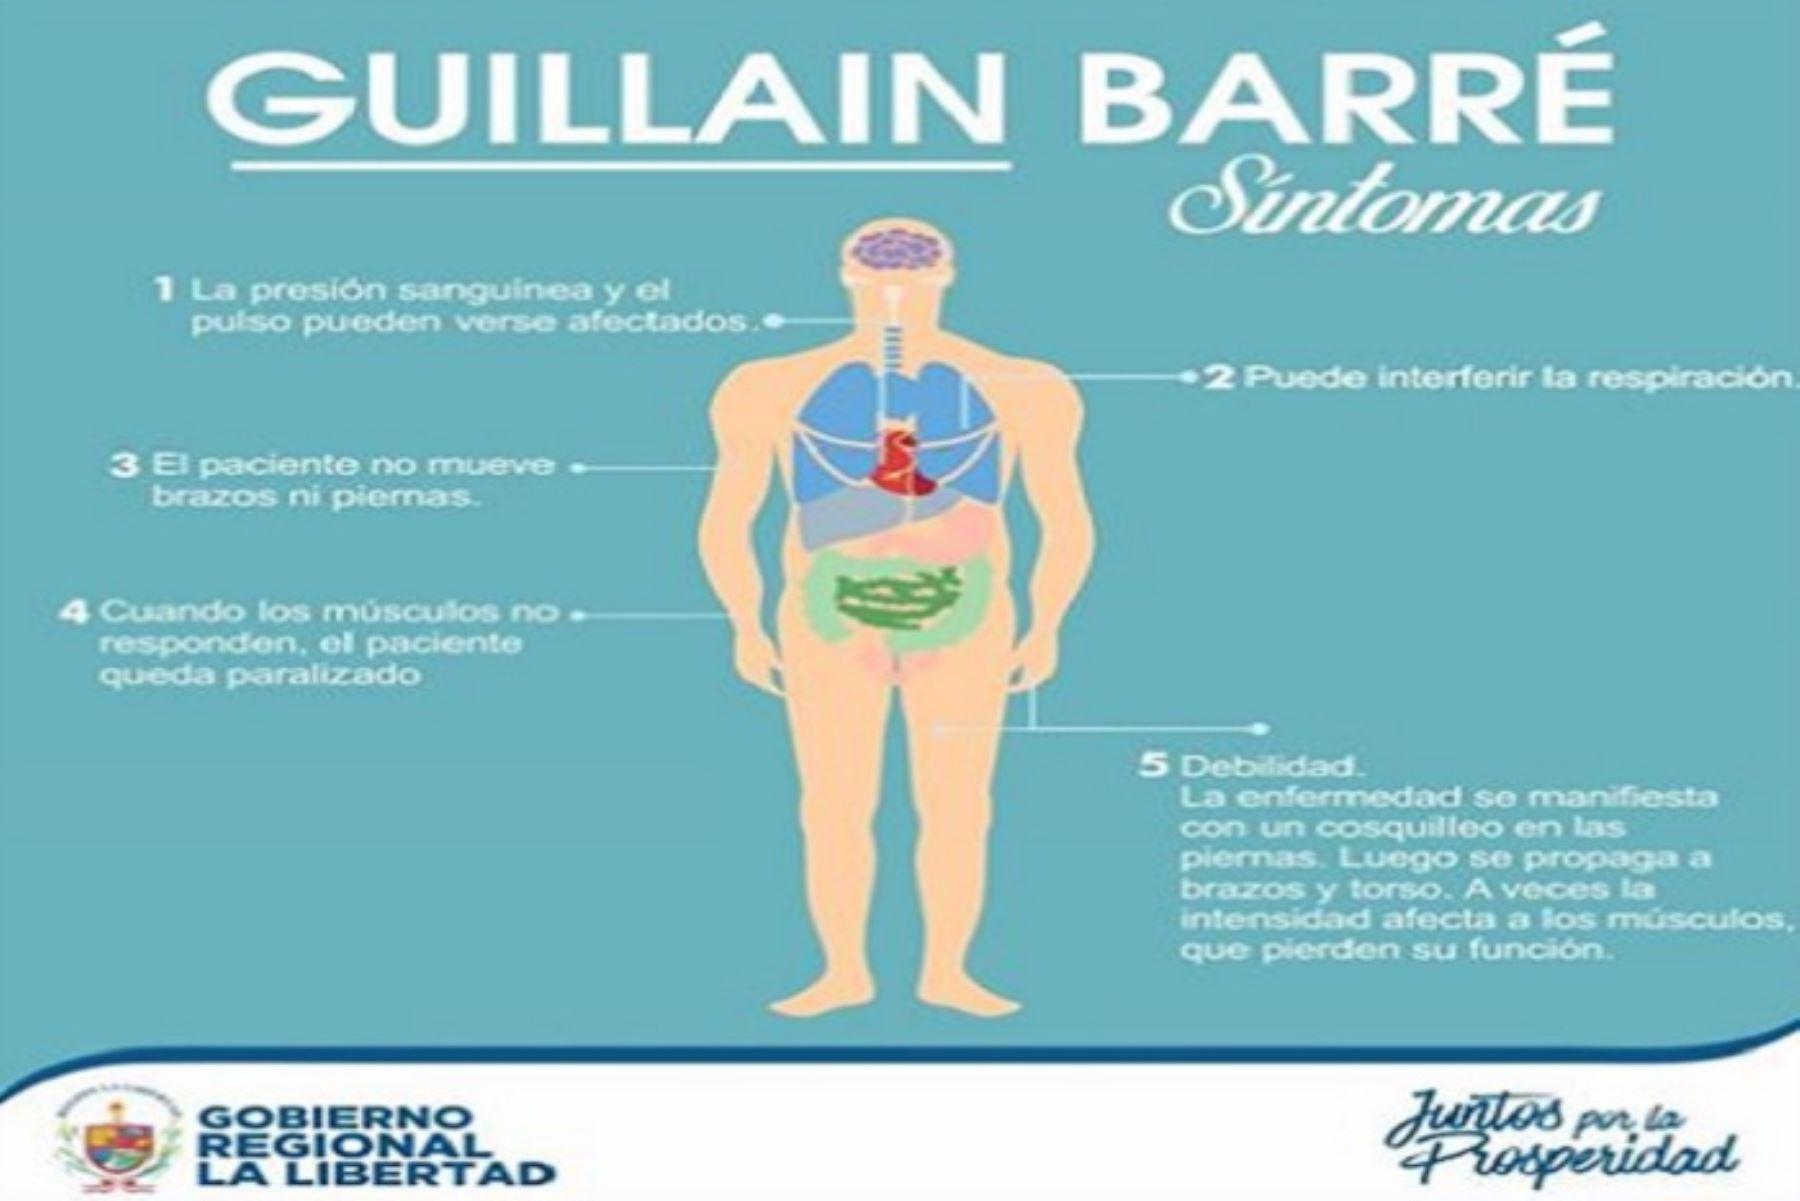 Cinco regiones son declaradas en emergencia por incremento del síndrome — Guillain Barré